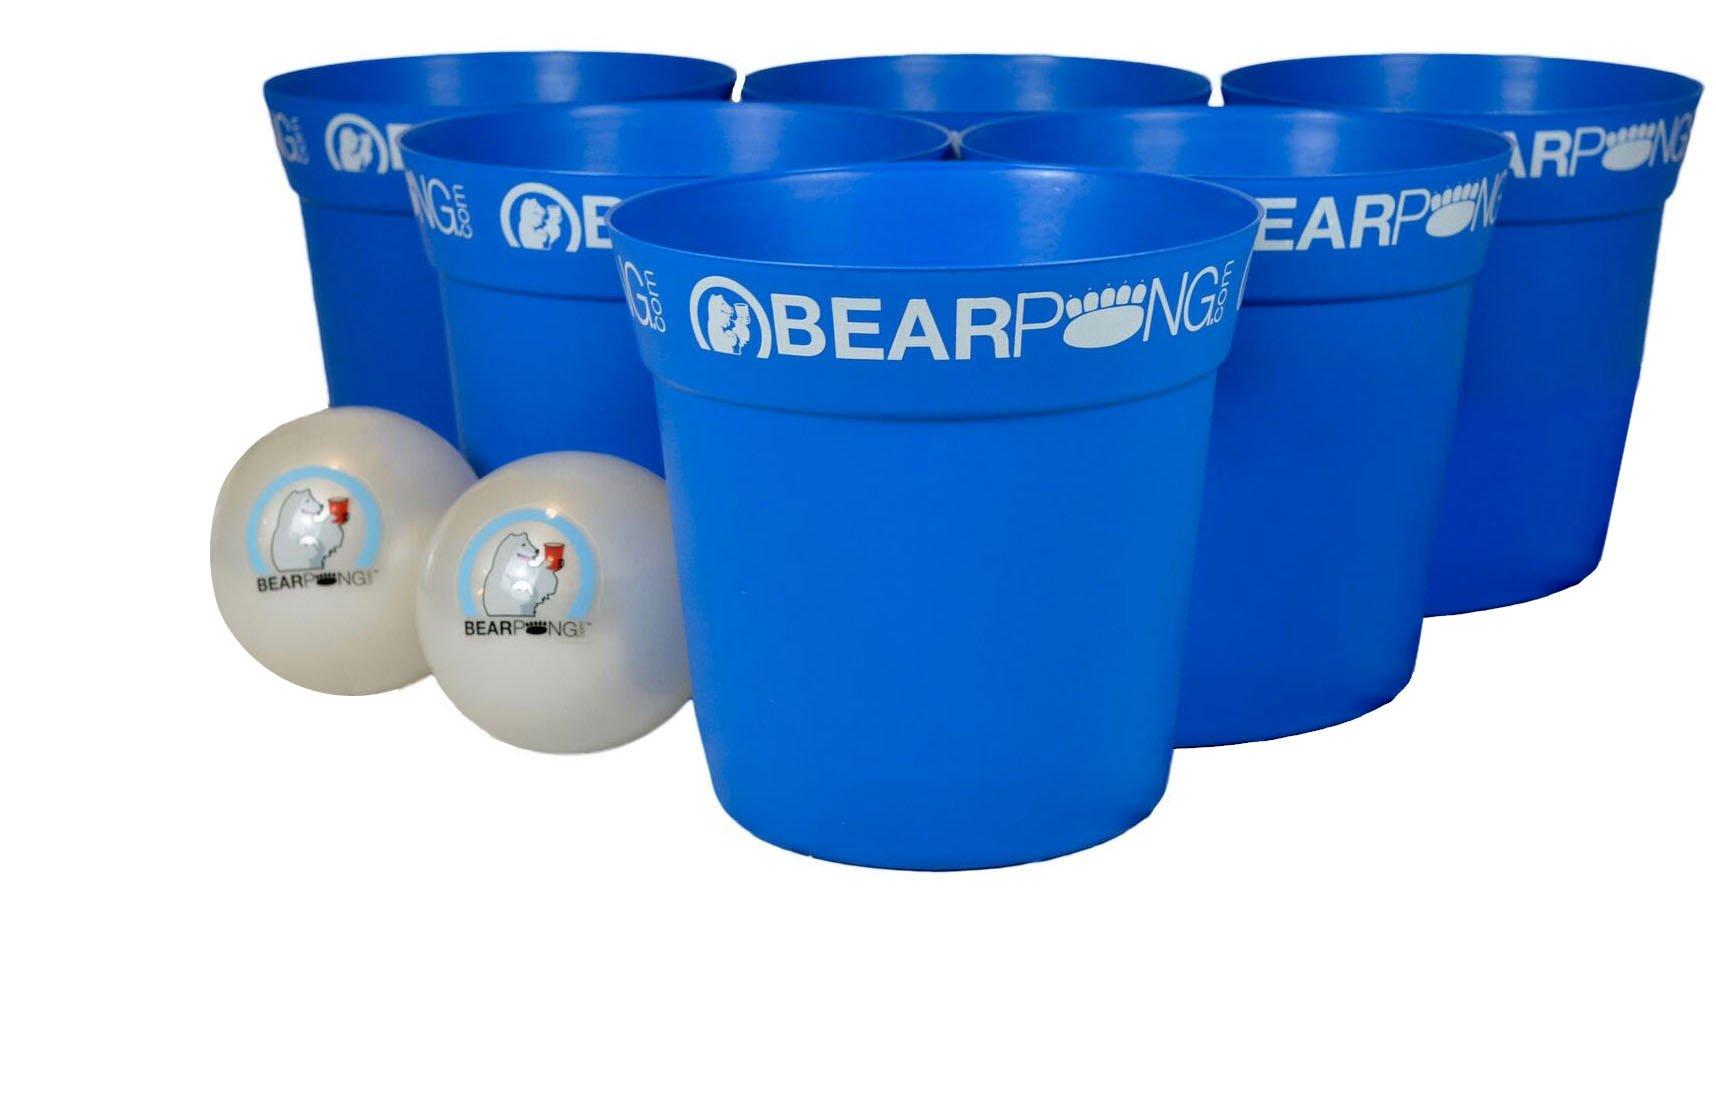 Bearpong Bearpong Game Set: 12 BEARPONG Buckets, 2 BEARPONG Balls with Carrying Case, and Instruction (Blue)